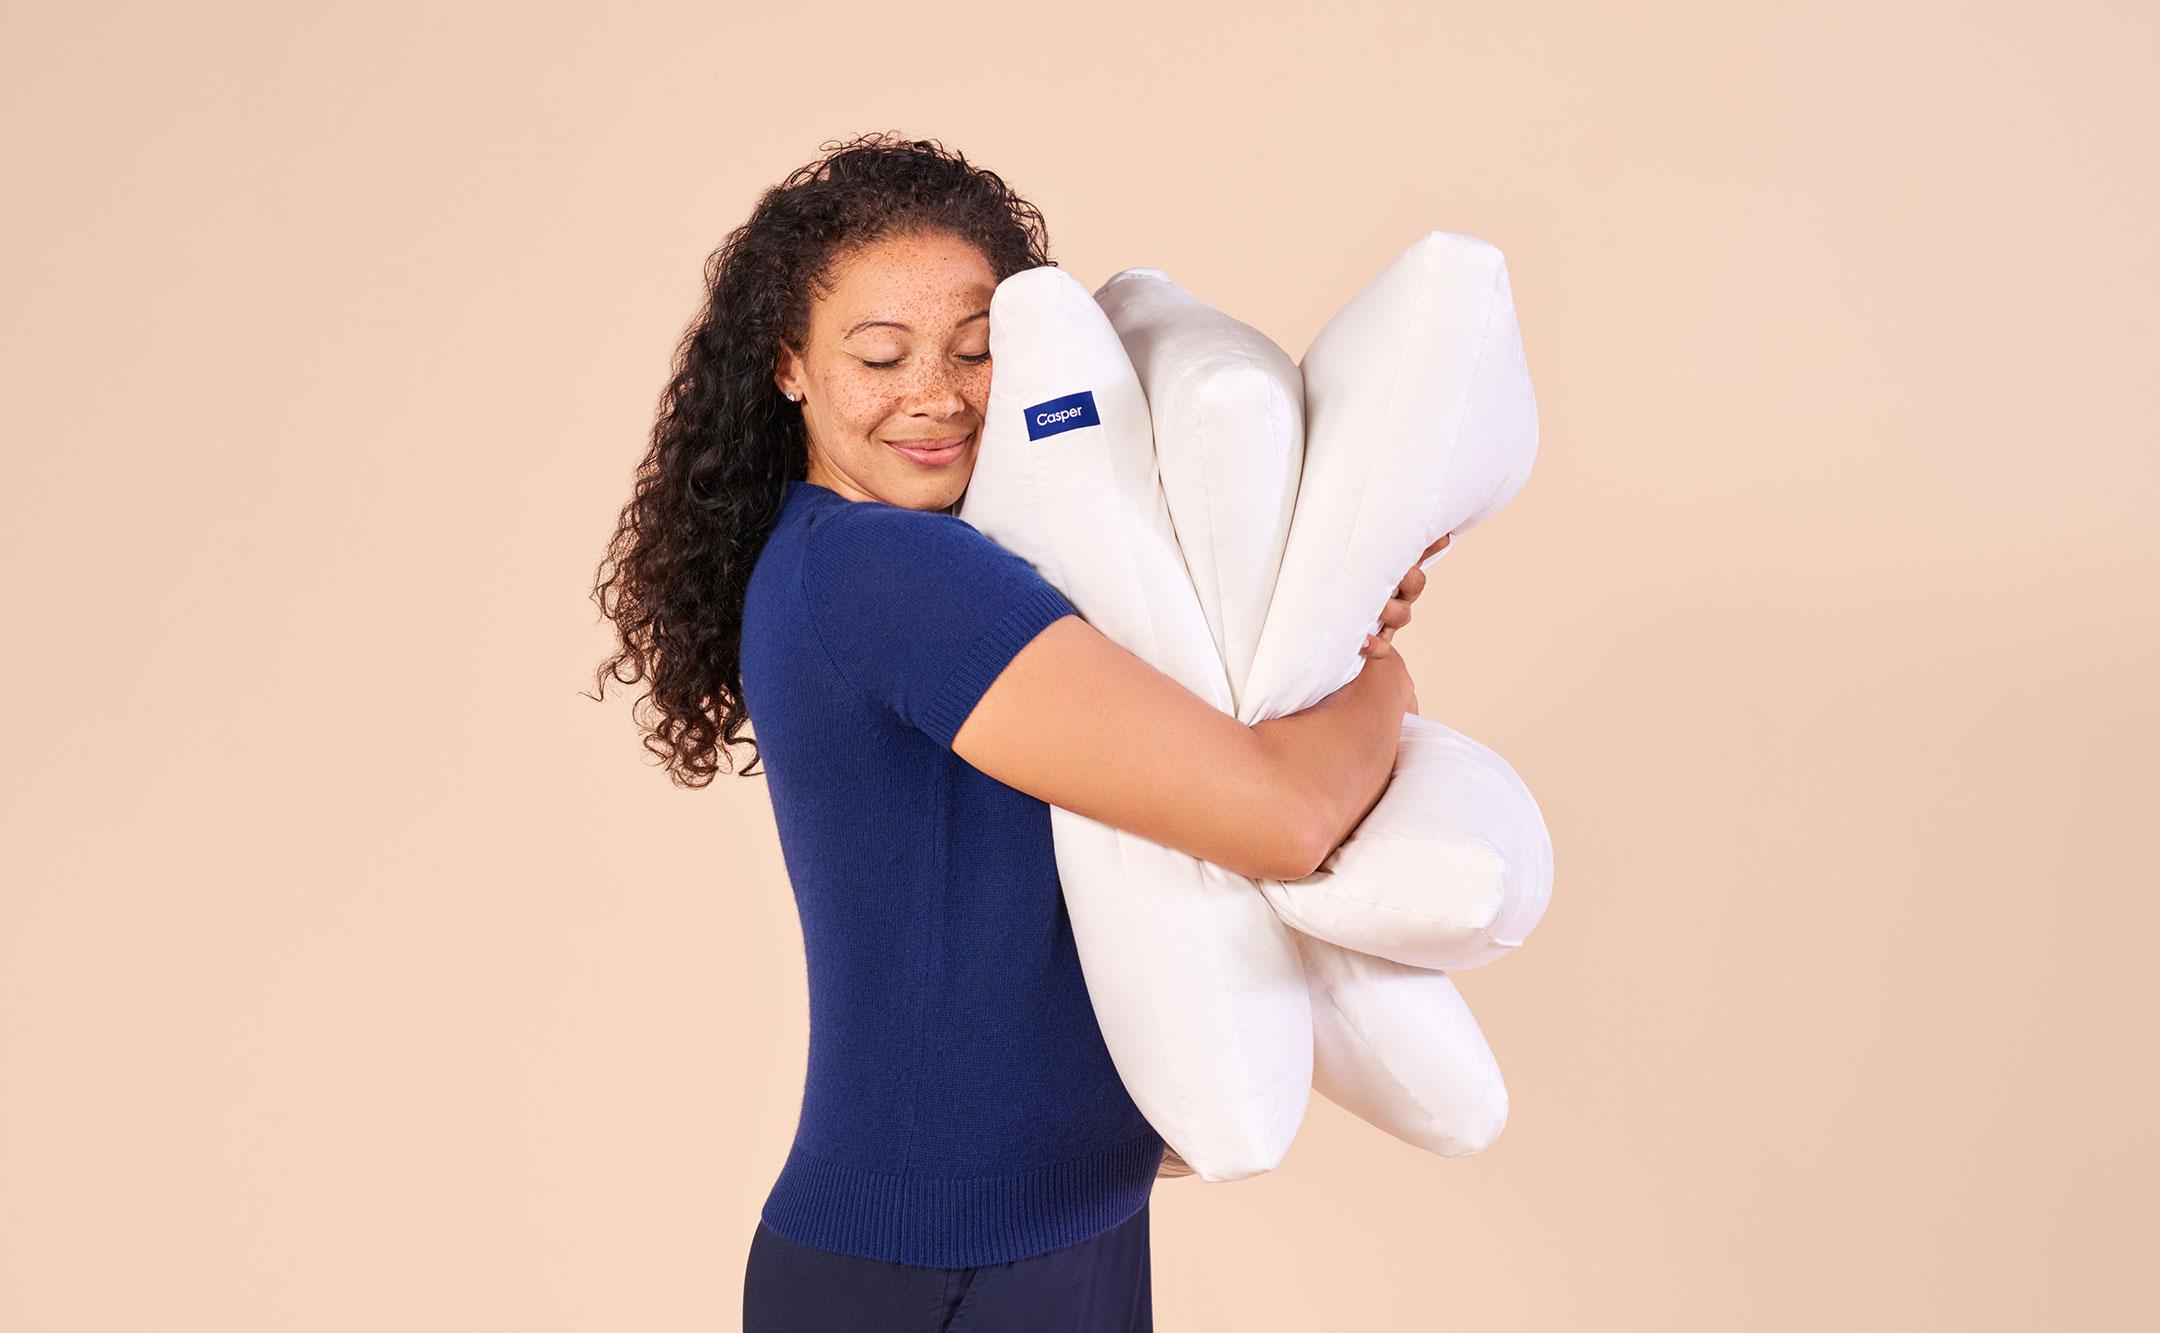 woman hugging pillows